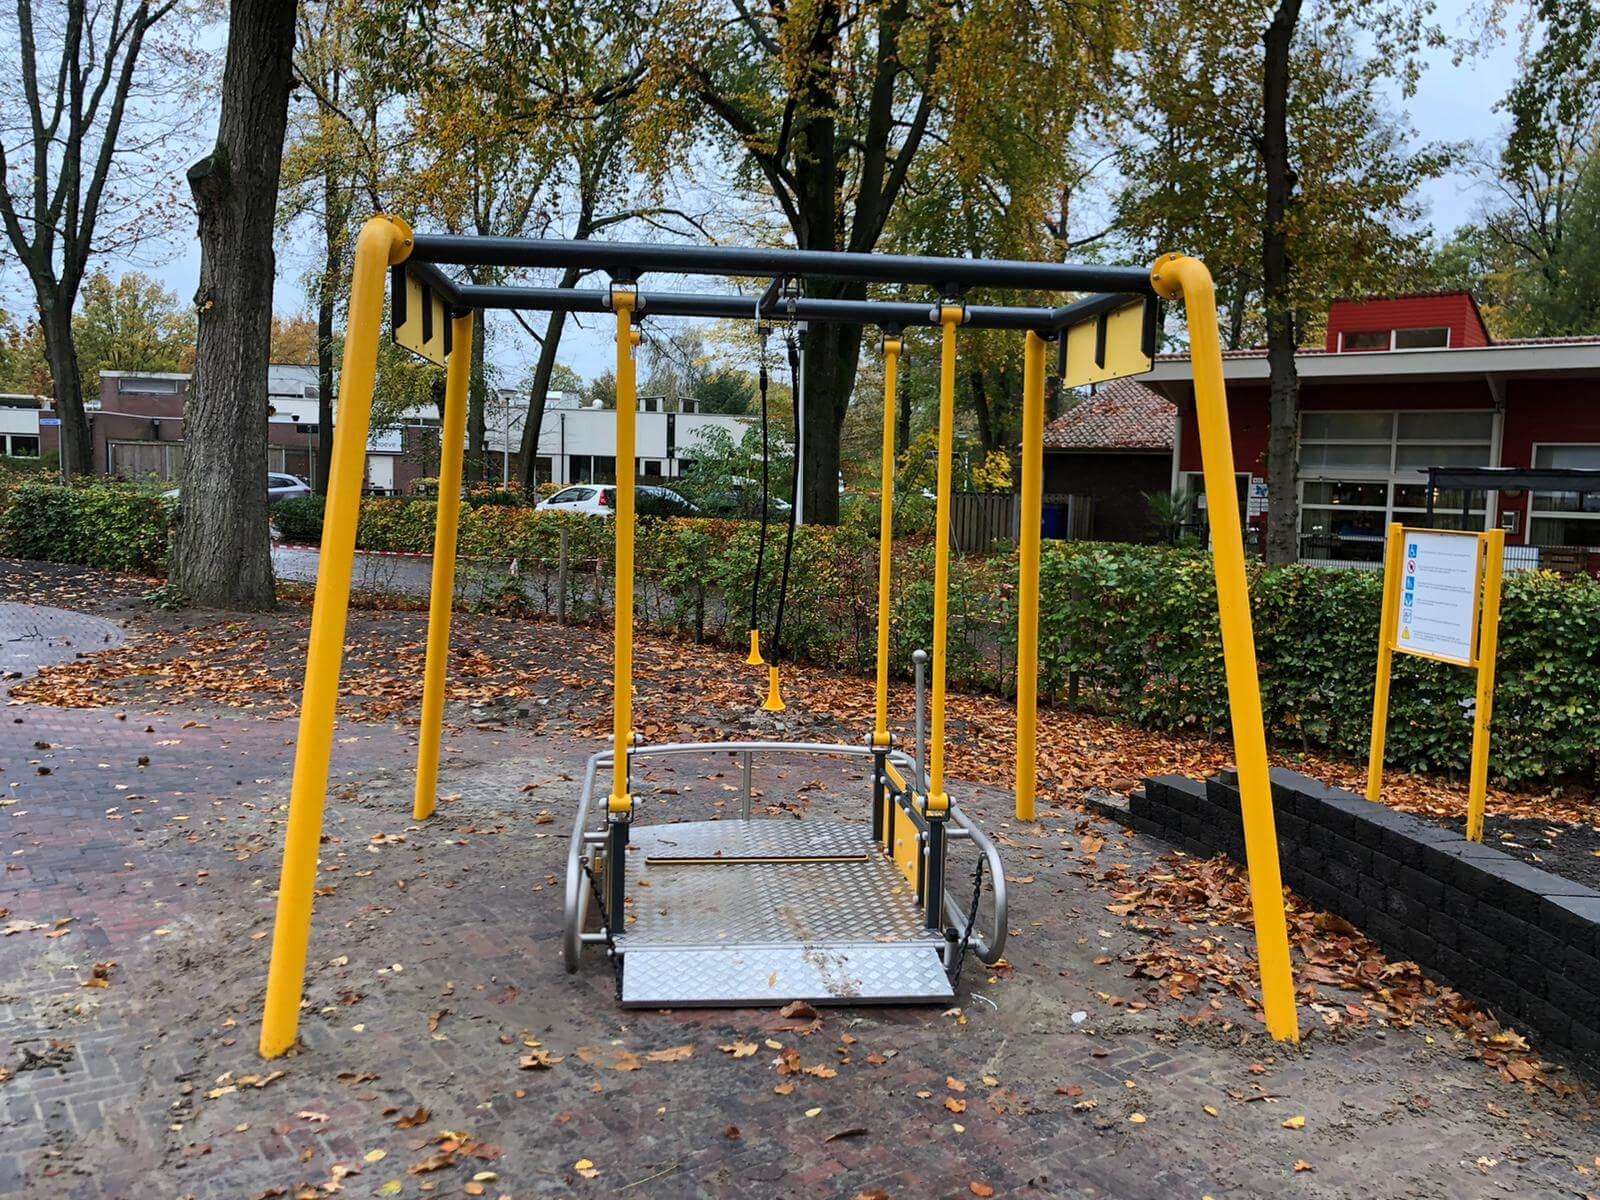 3015 rolstoelschommel